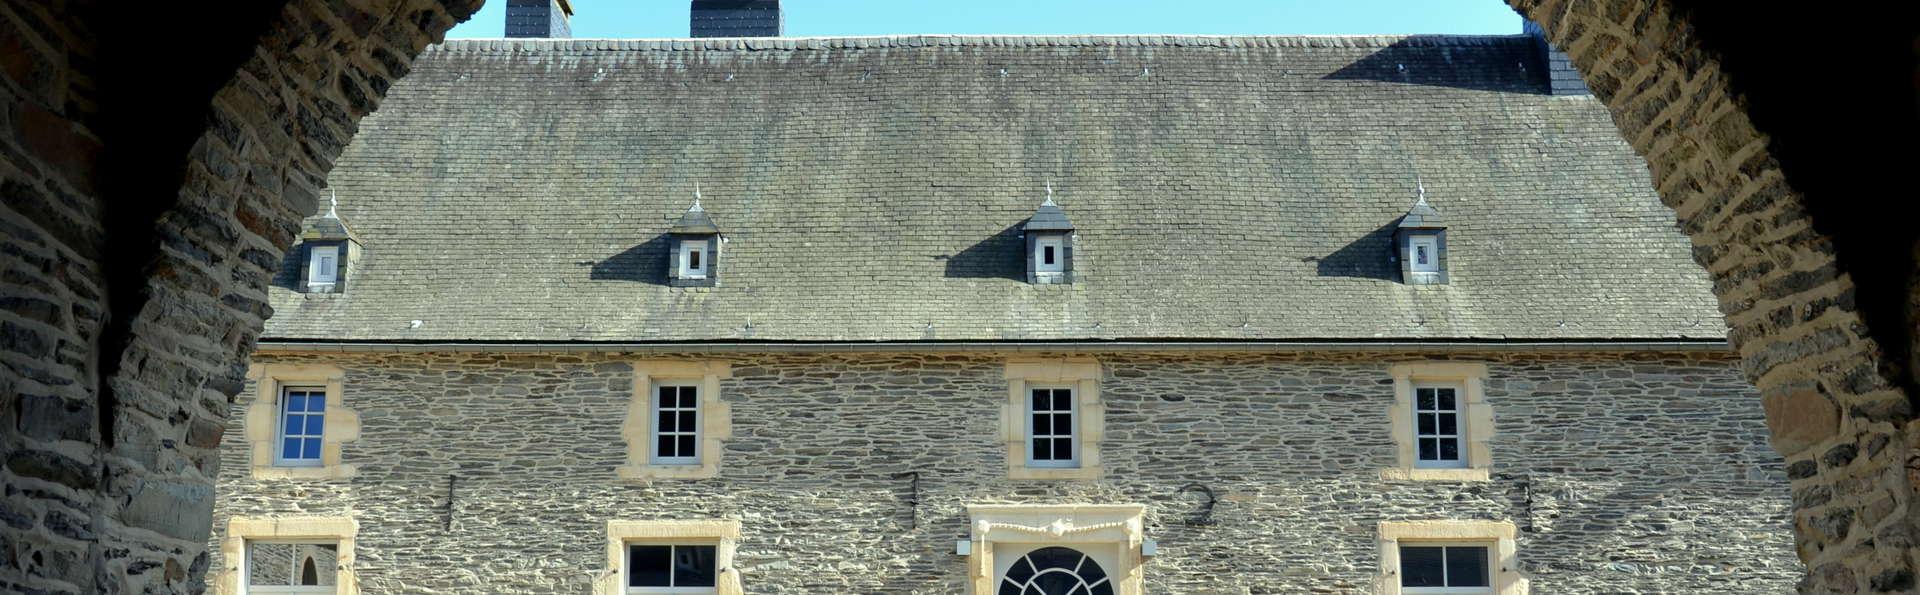 Hôtel Château Grandvoir - Photo_grandvoir3.JPG